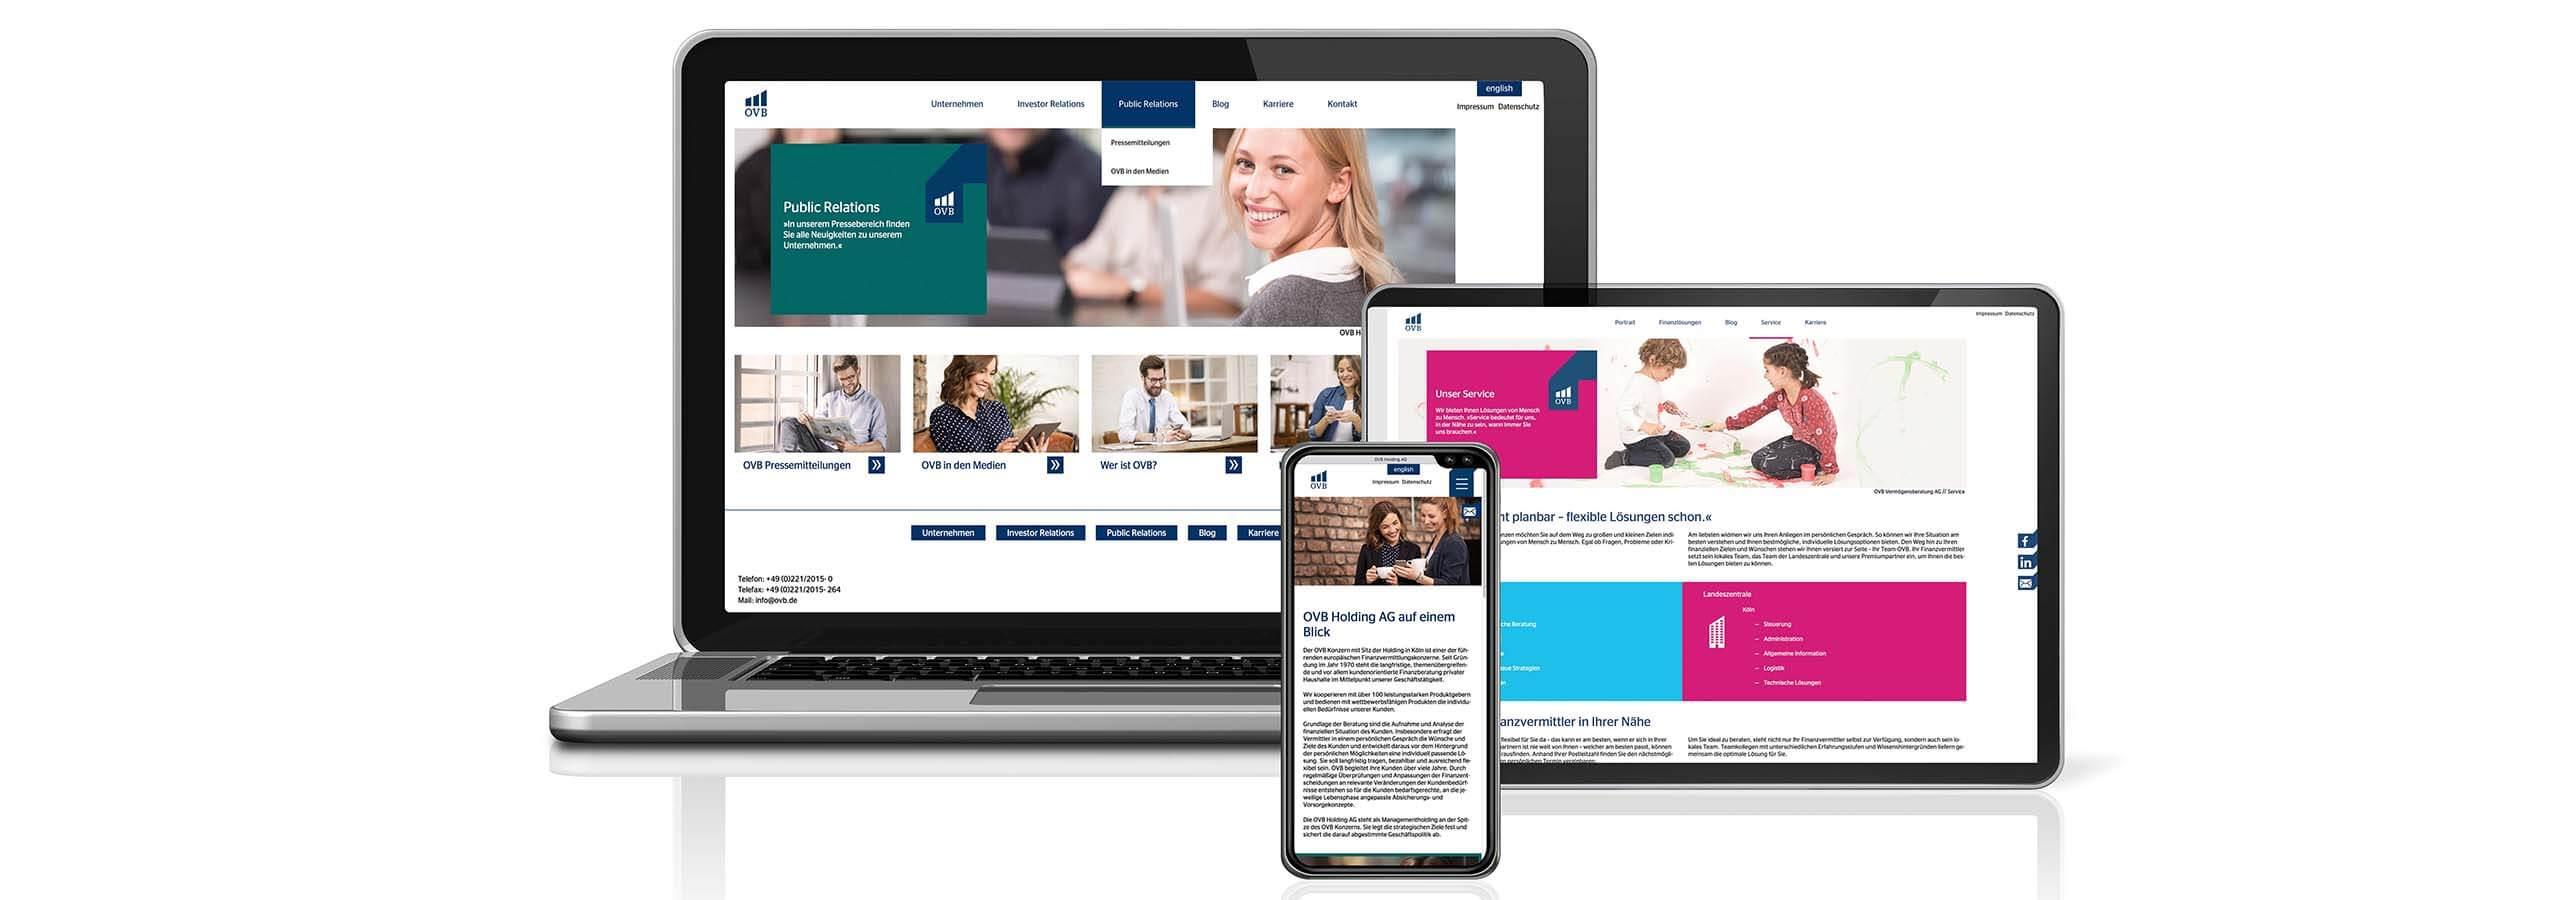 responsive Webdesign, userzentrierte Gestaltung der Website für die OVB, design von deerns und jungs design, Agentur für Corporate Design Köln